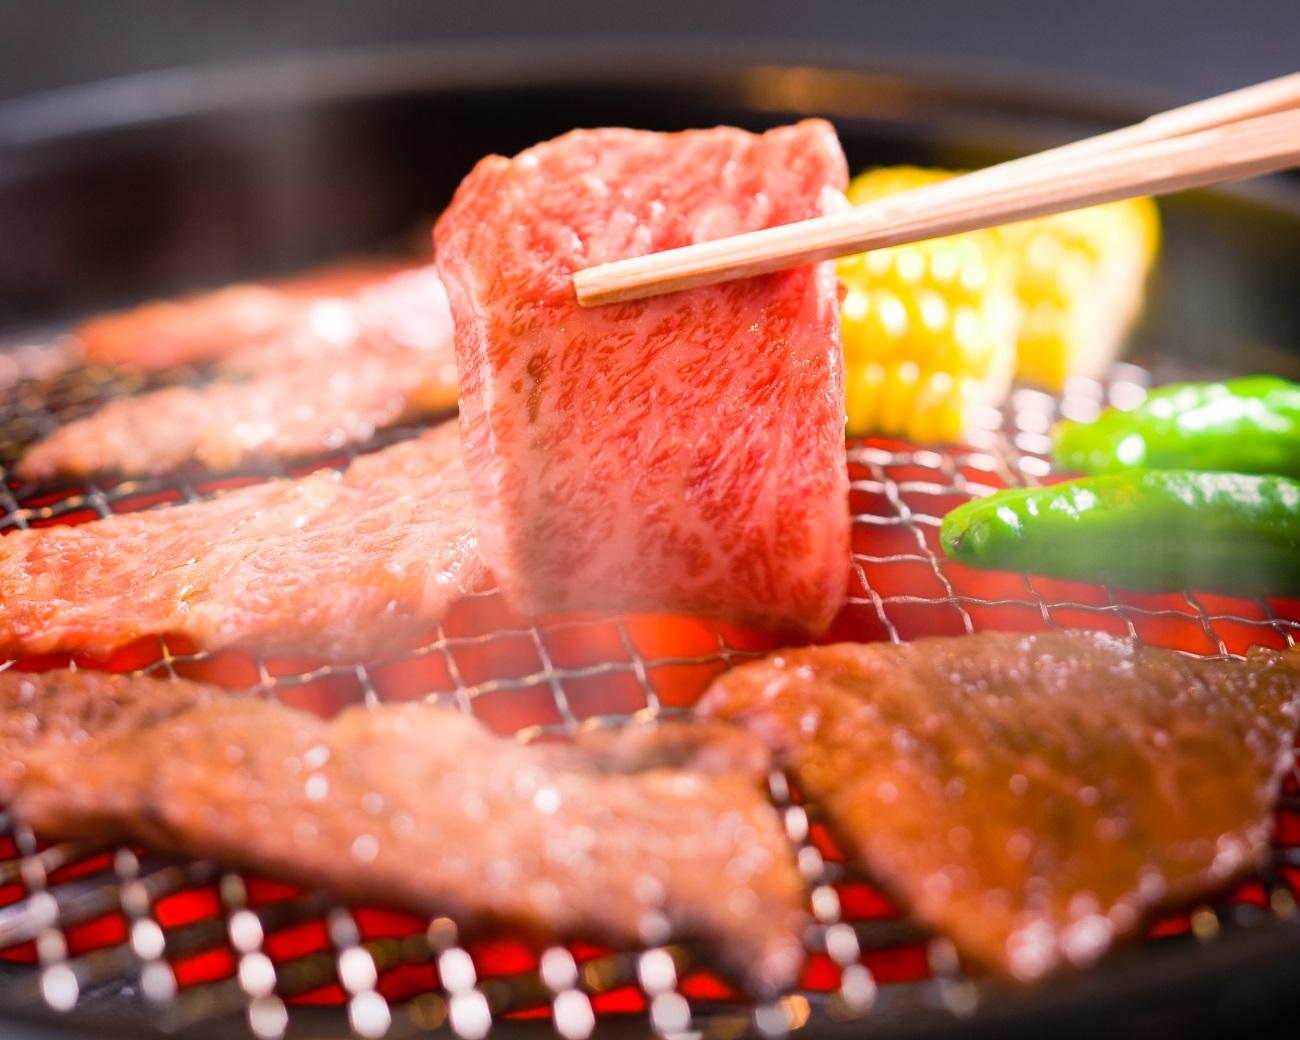 聖蹟桜ヶ丘駅近!焼肉・ステーキのおいしい徒歩5分圏内のお店8選